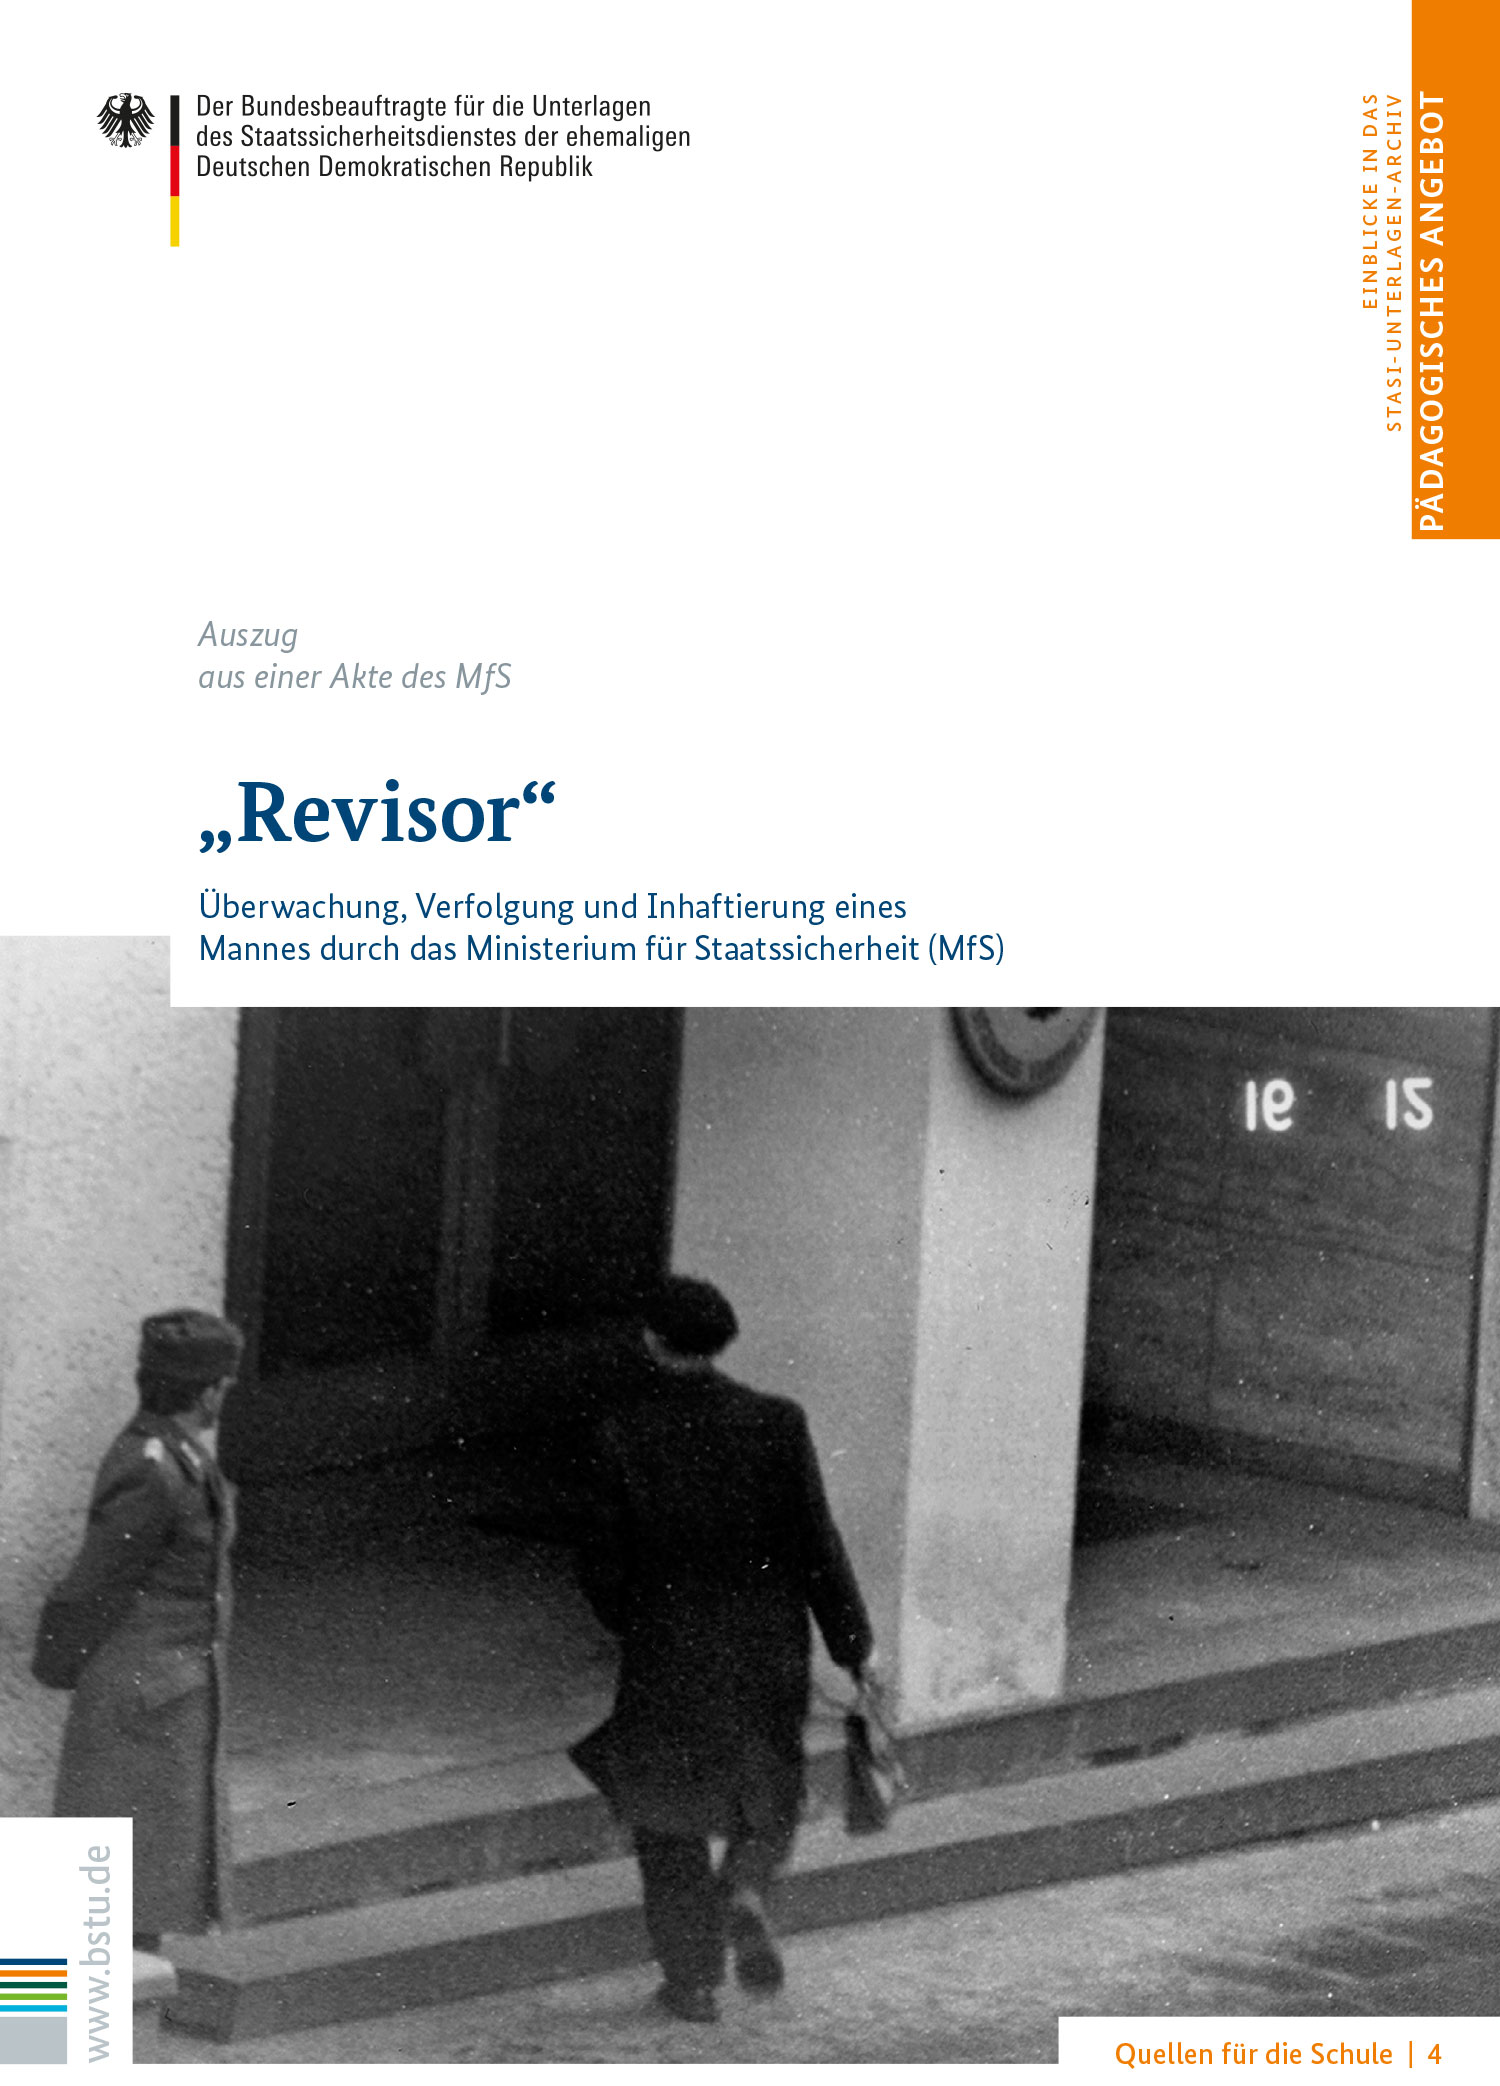 Quellen für die Schule 4: Revisor